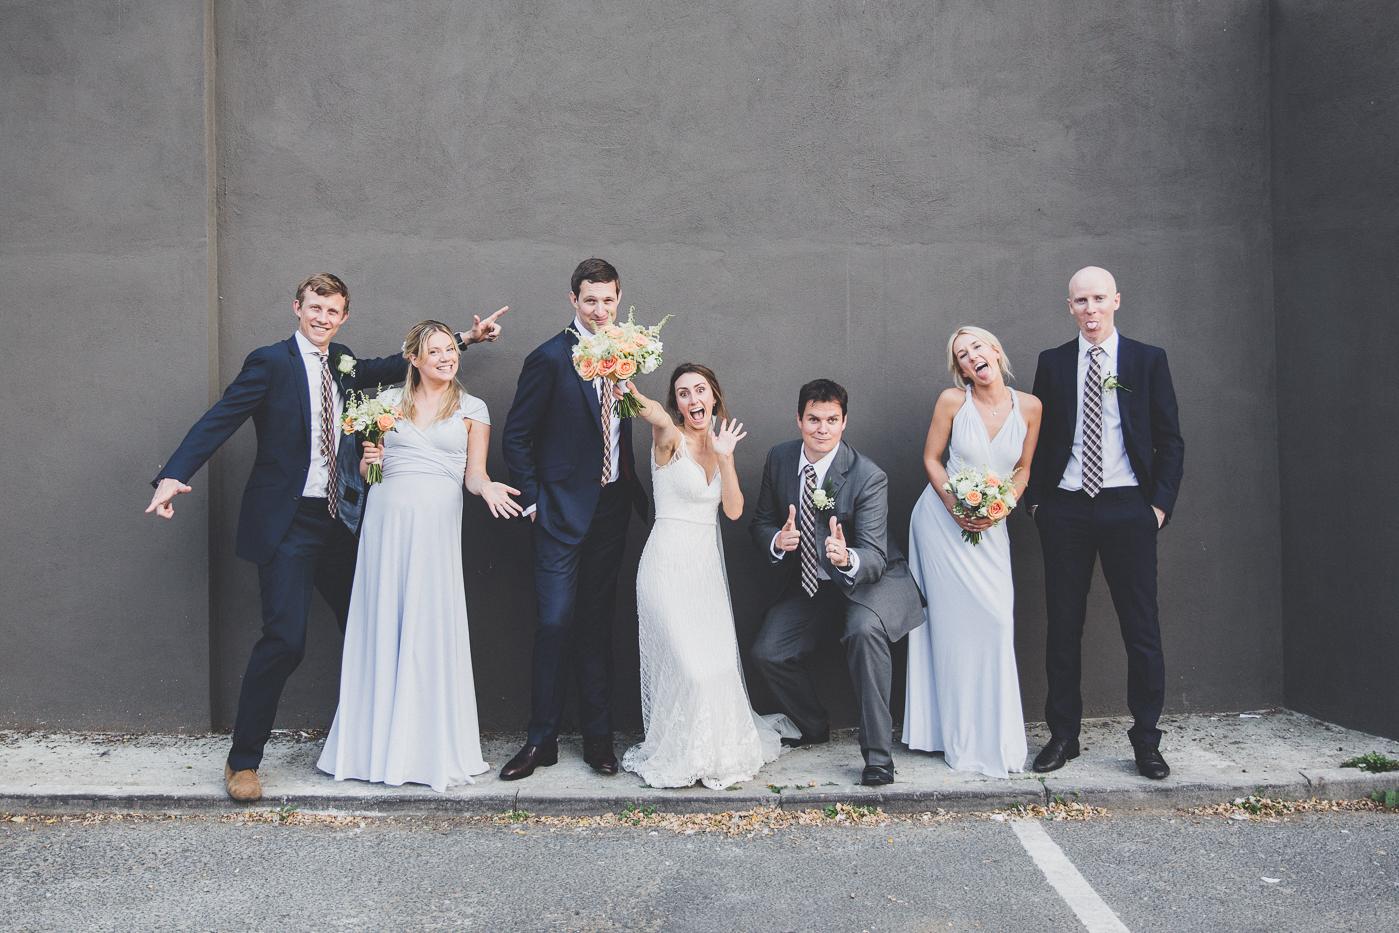 london-wedding-photographer-75.jpg